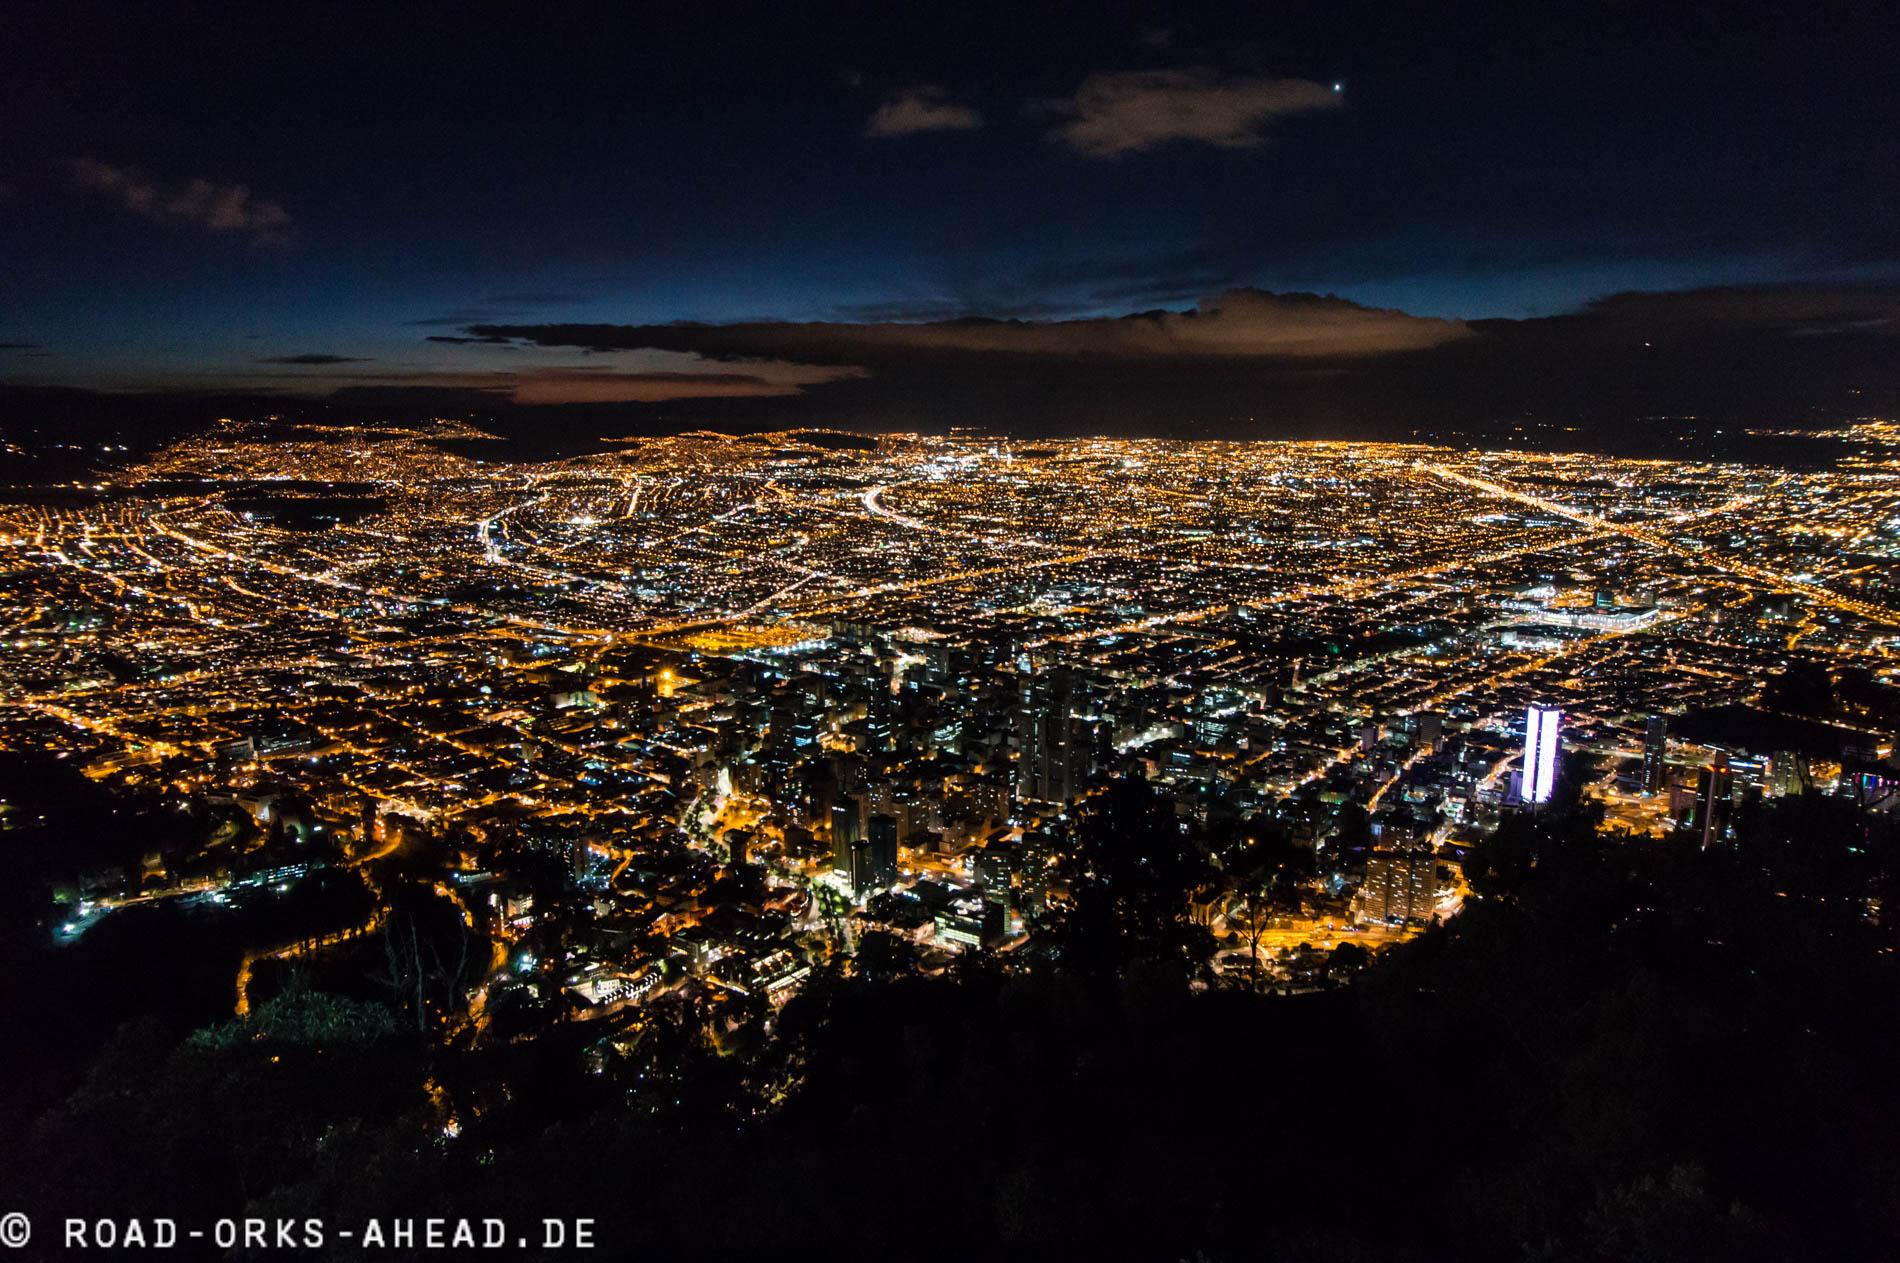 Die 7 Millionen Stadt bei Nacht